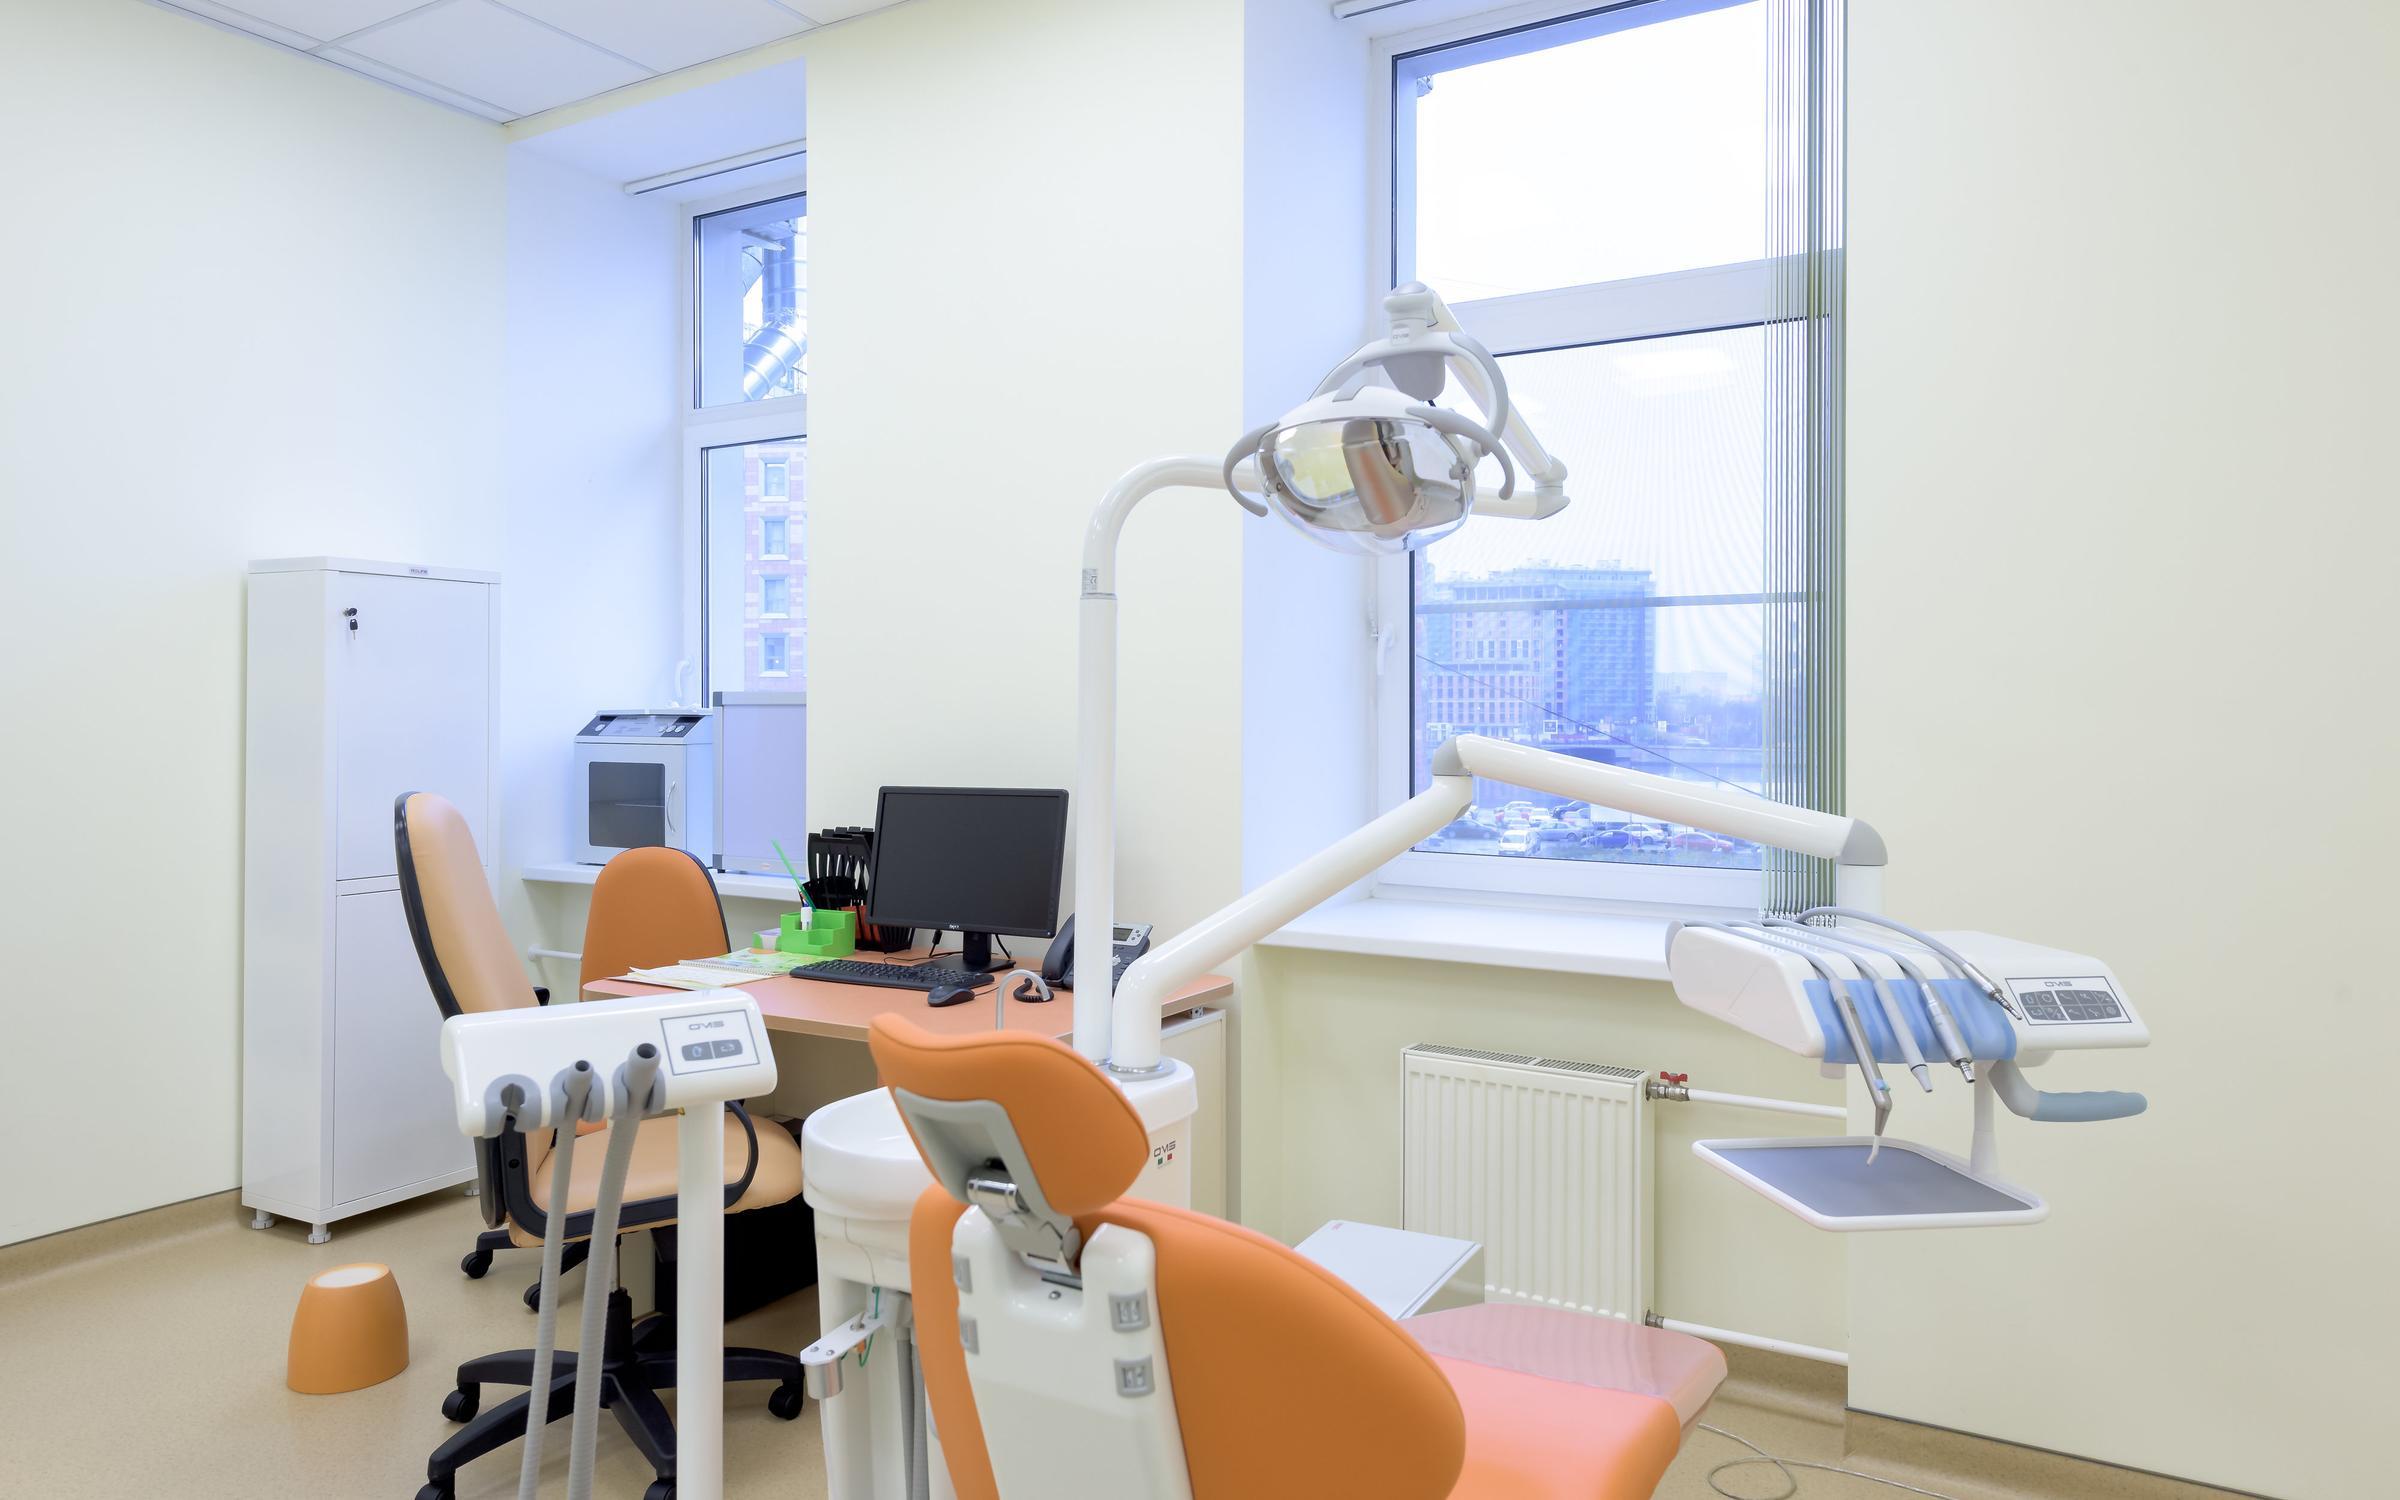 12 поликлиника волгоград режим работы